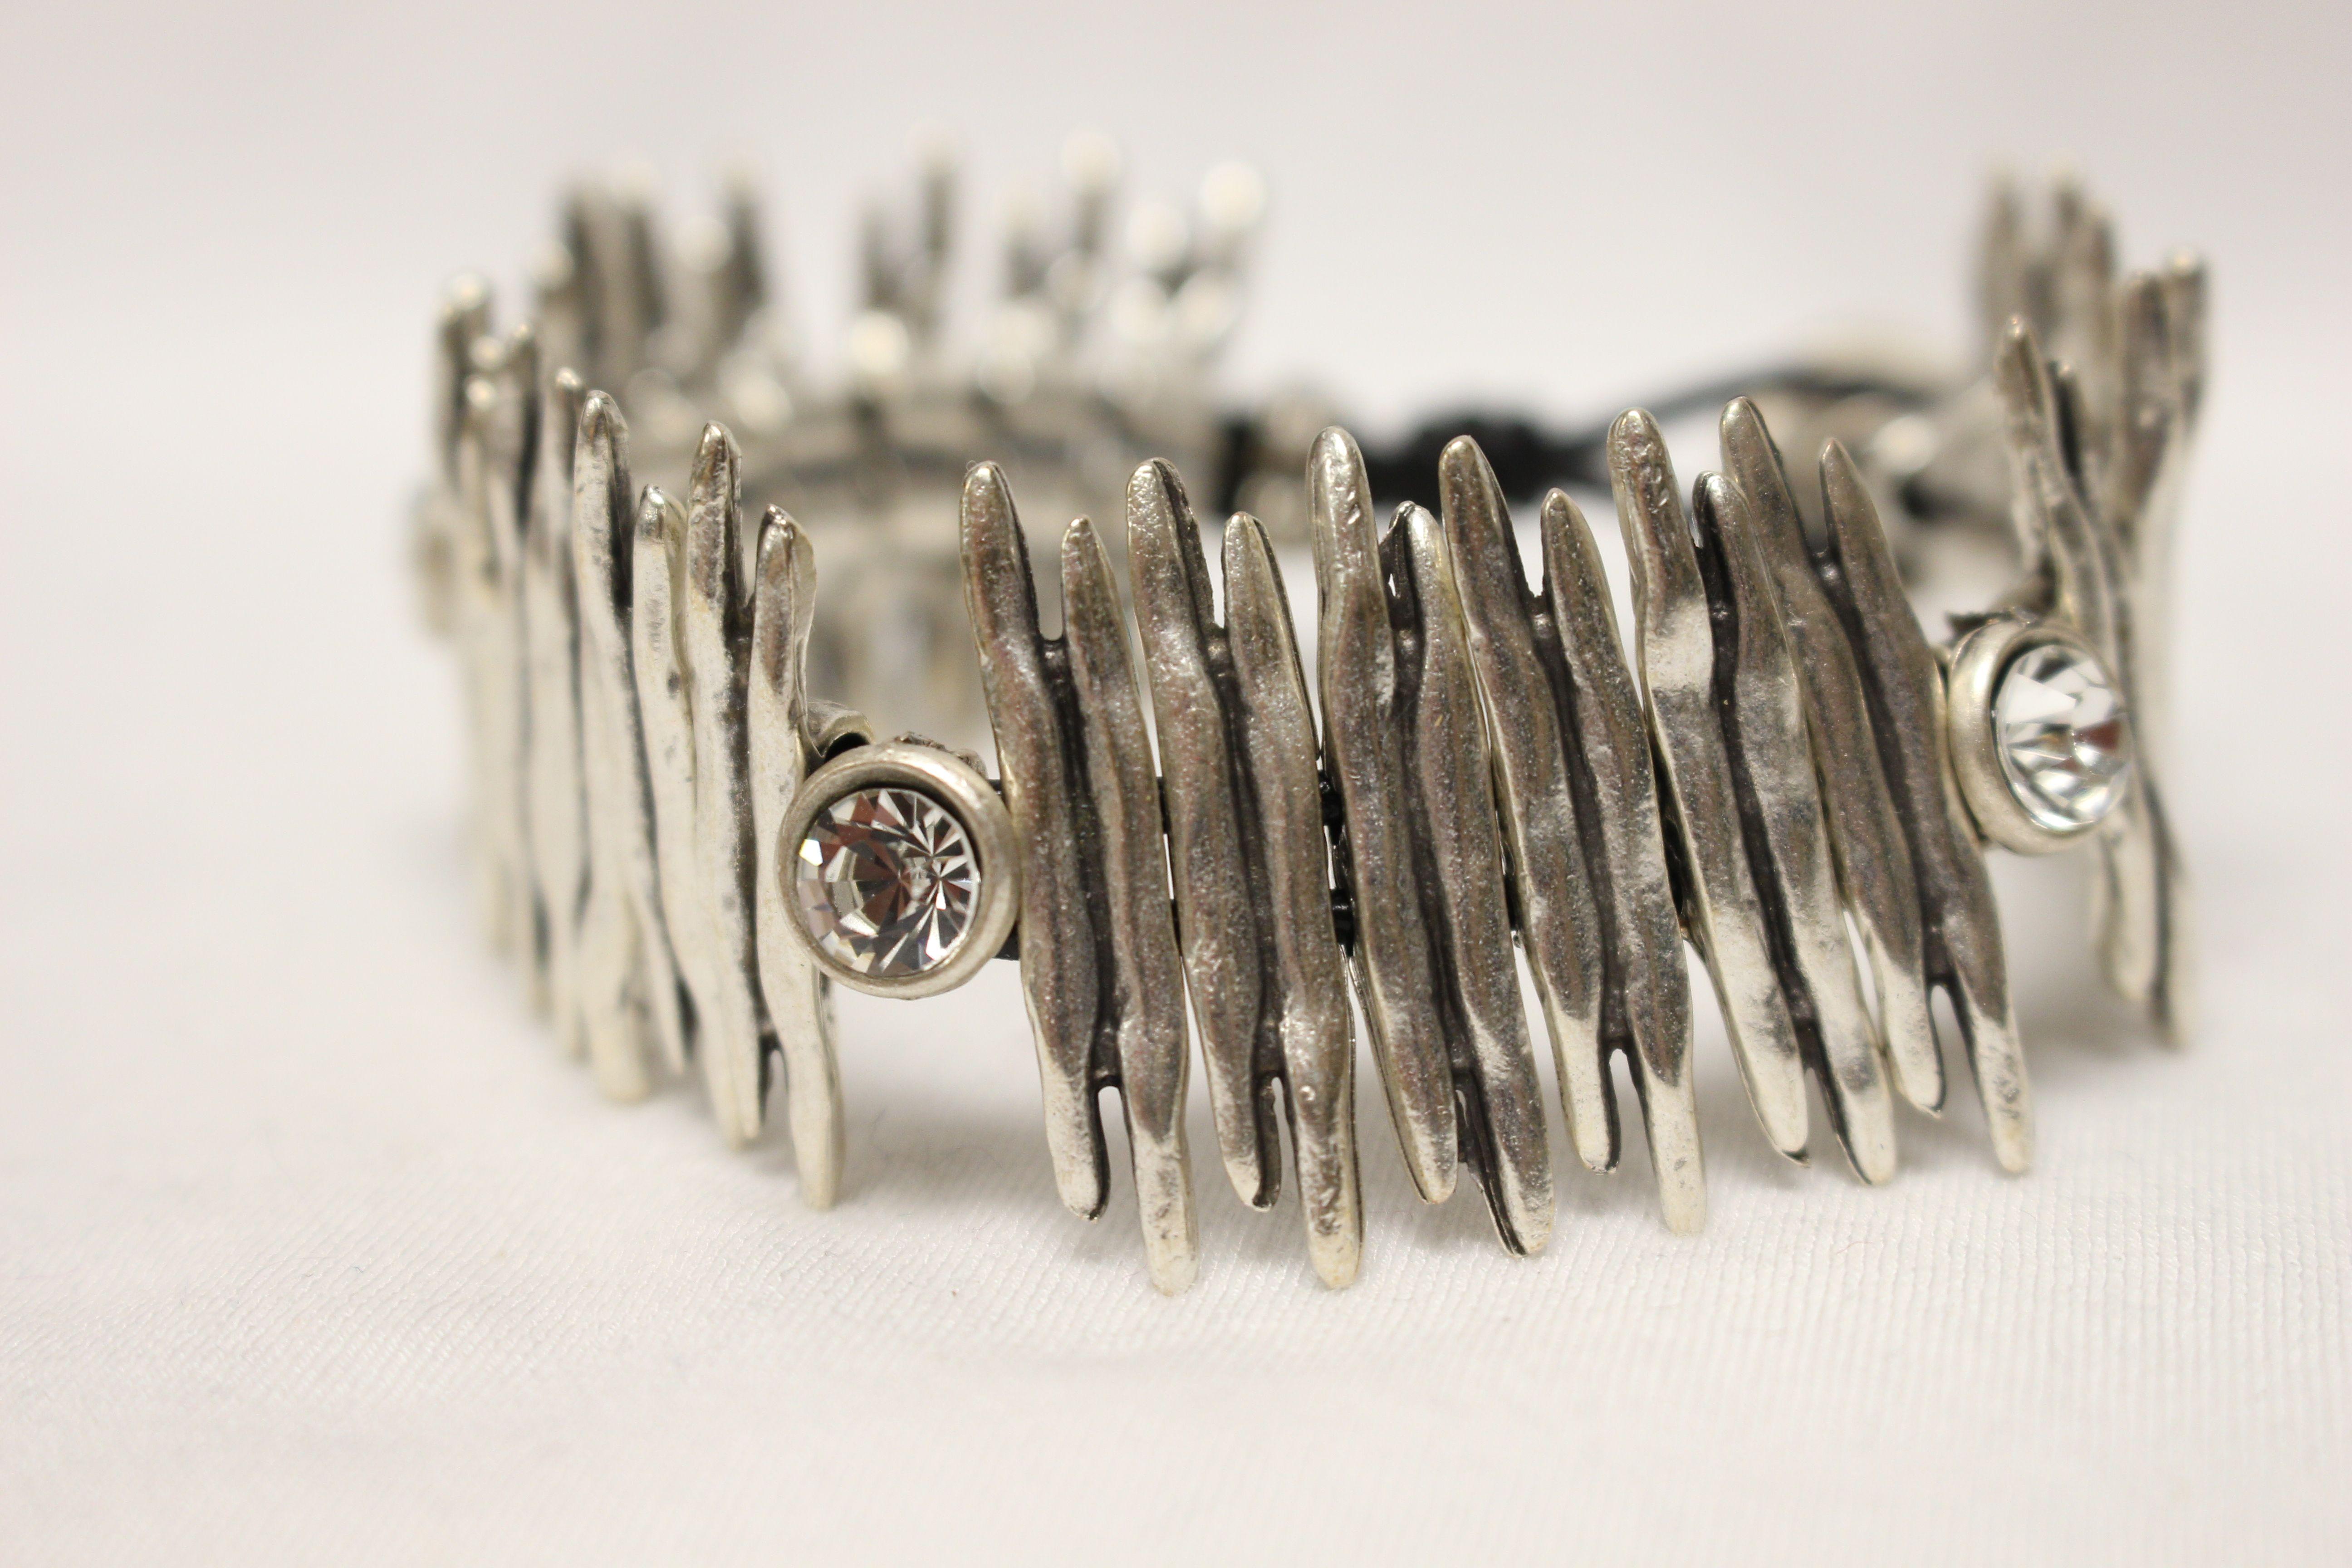 18050 CZ Bracelet $51 #CZ #Herringbone #Metal #Indian-made #Bracelet #Cafe #Boutique #Iowa #Fashion #Jewelry #Iowa #Silver